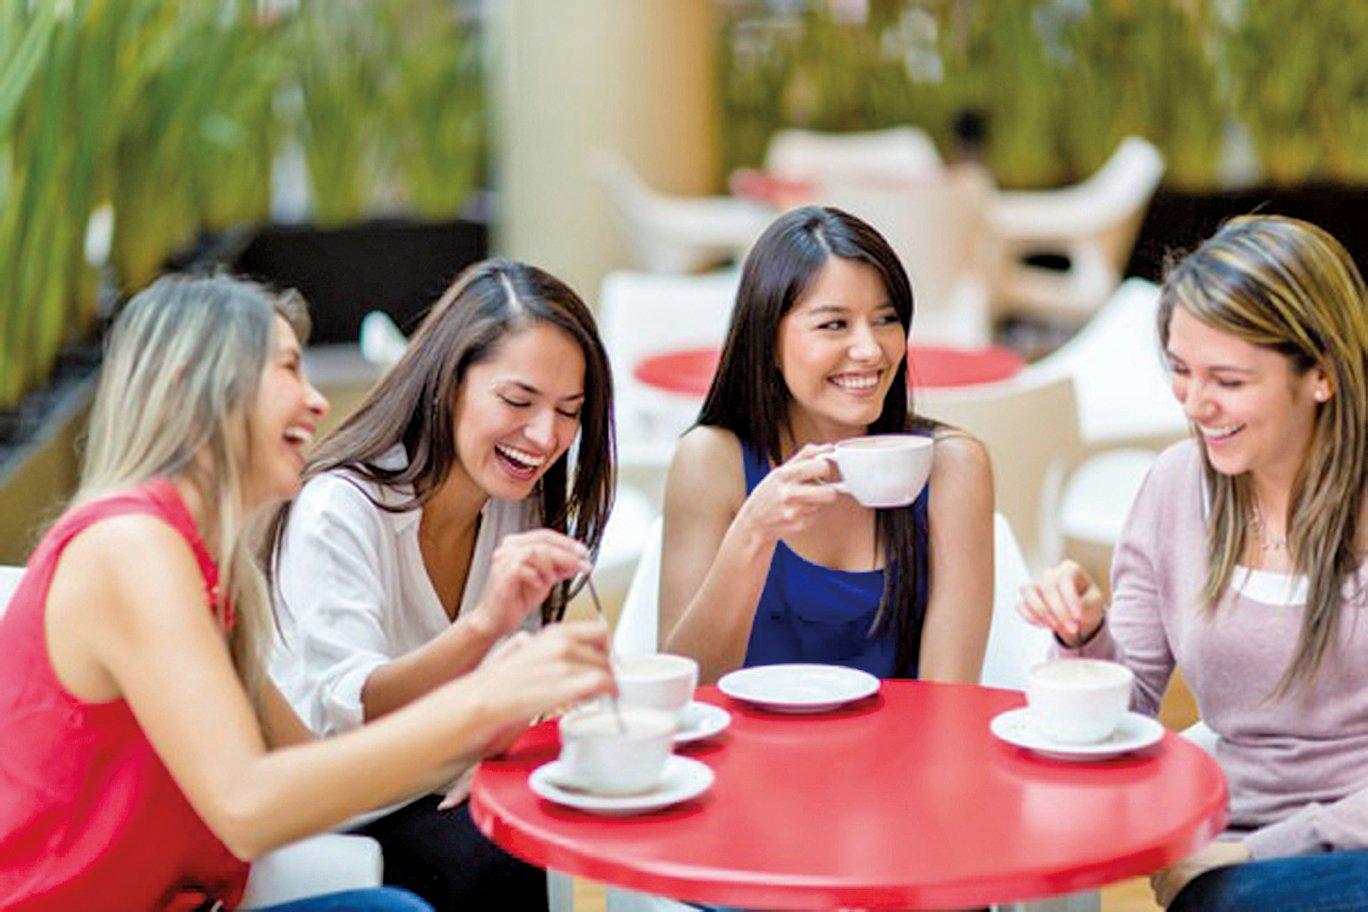 無糖黑咖啡對身體有好處,尤其對糖尿病患者頗為有益,但需適量飲用。(Fotolia)